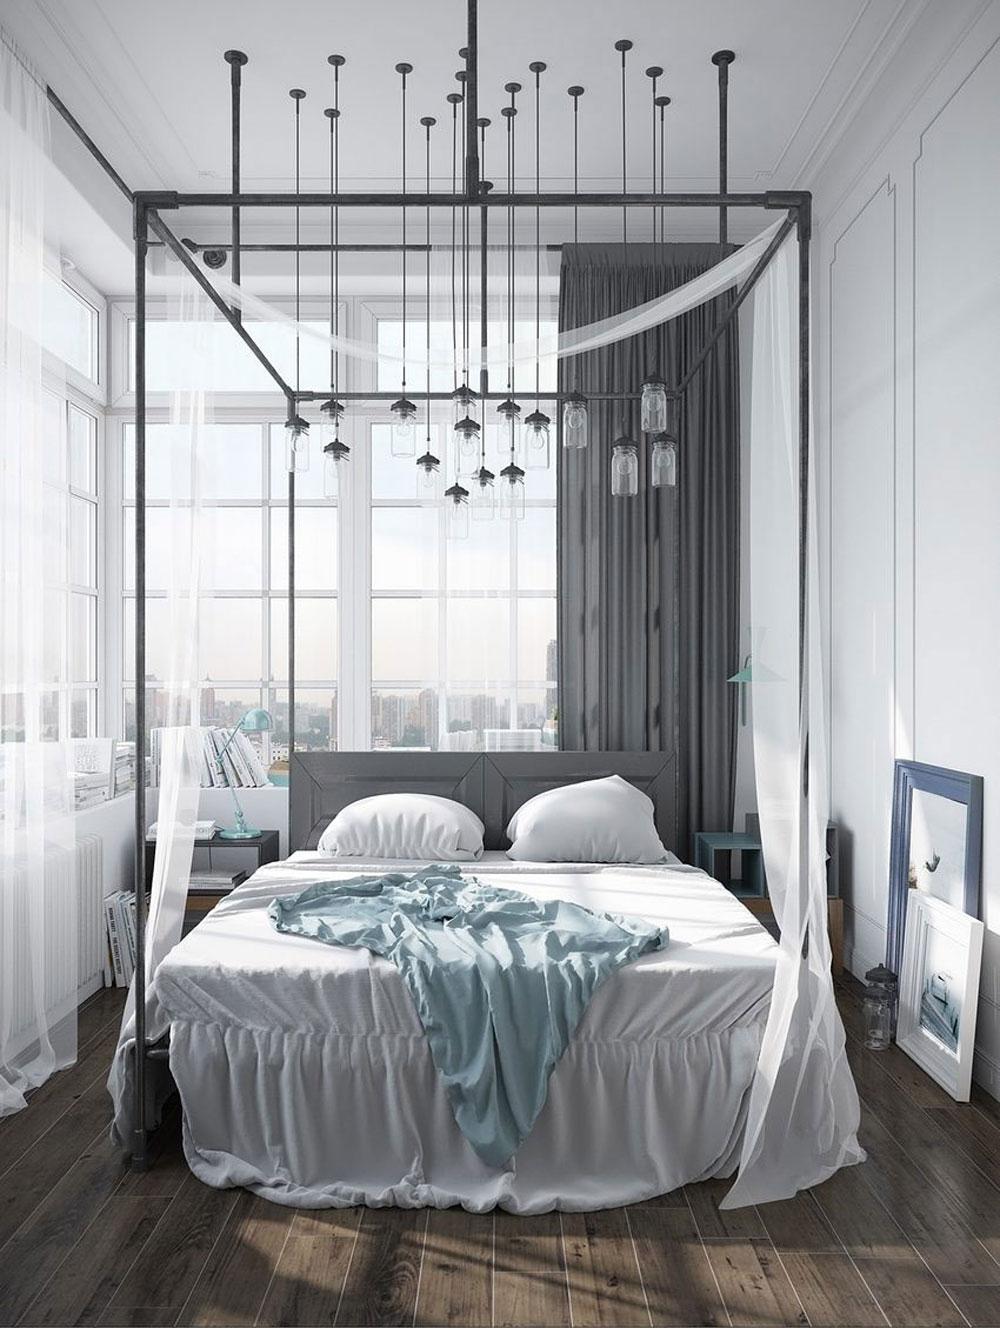 Special-Bedroom-Interior-Inspiration-For-A-Cozy-Home-10 Special Bedroom Interior Inspiration för ett mysigt hem